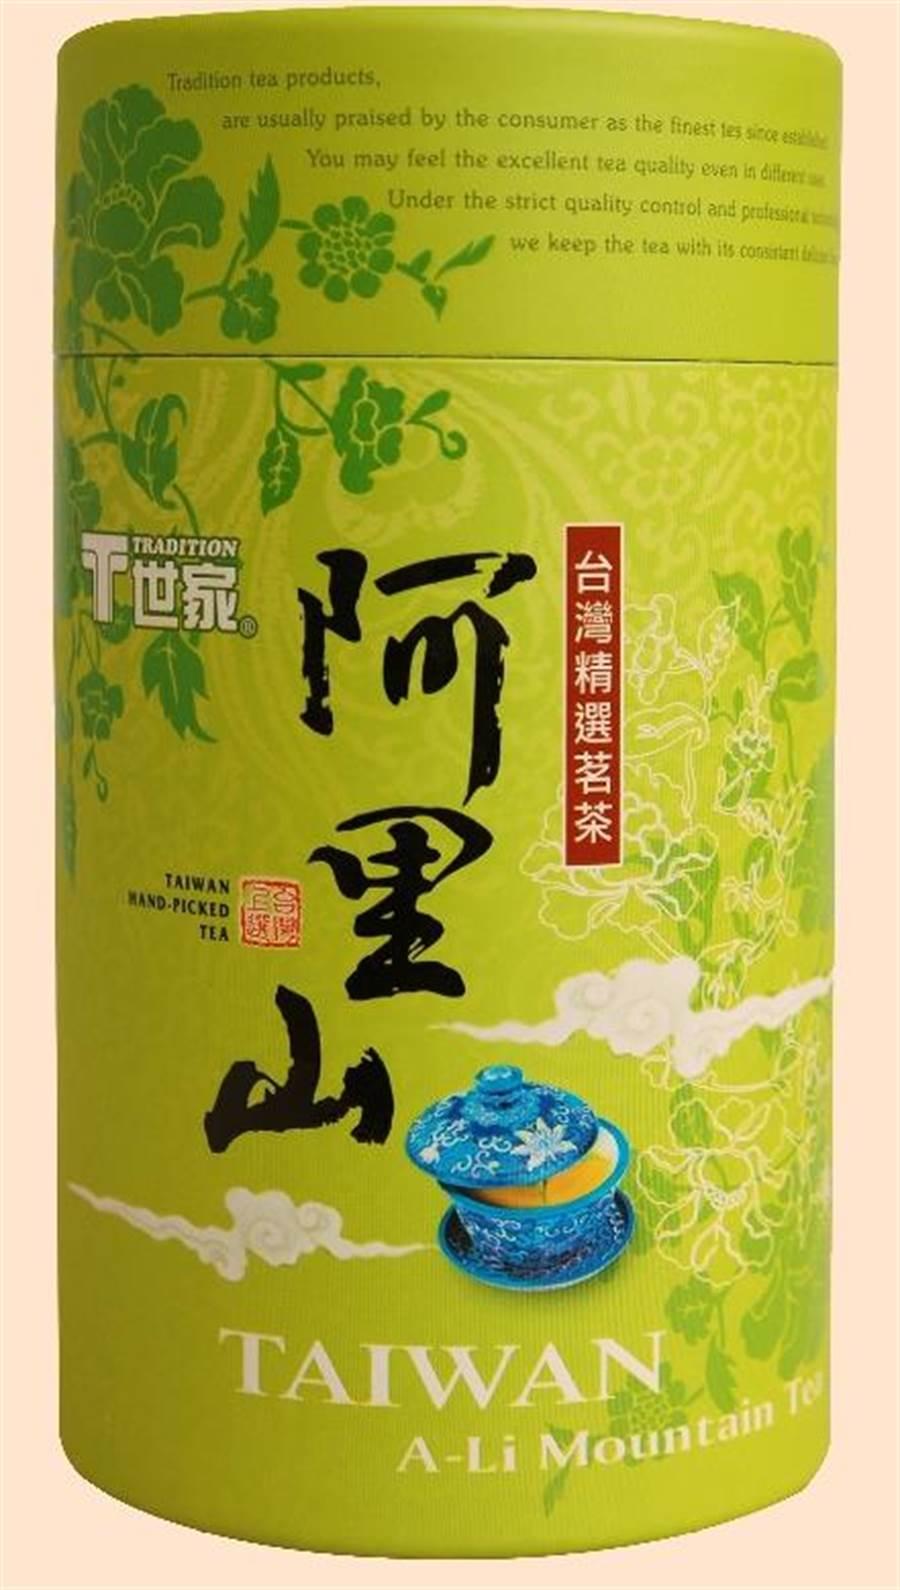 全聯T世家阿里山茶,台灣十大茗茶之一,150g、320元,6日至19日買2件特價519元。(全聯提供)